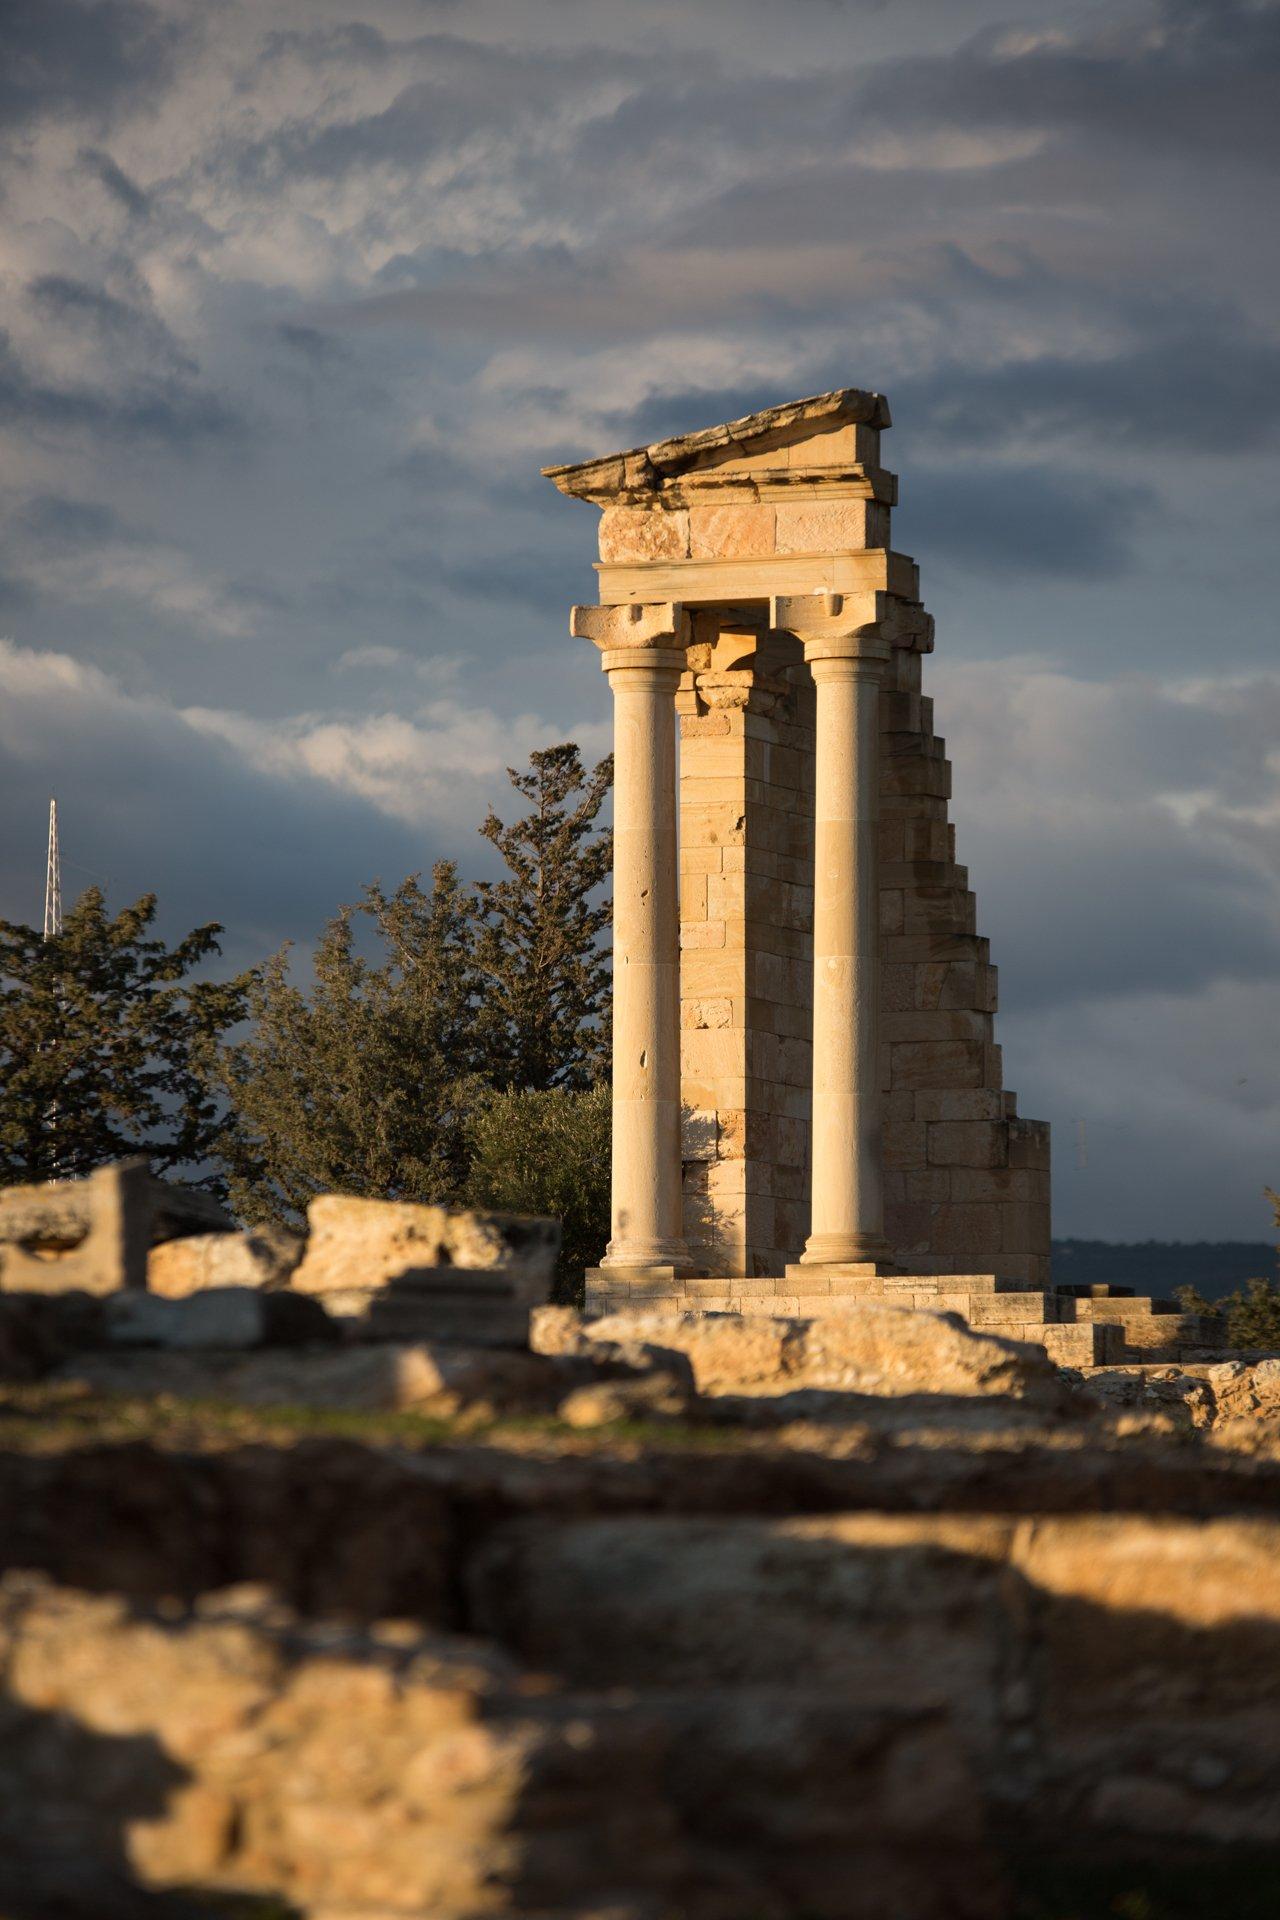 Кипр, Лимассол, Храм Апполона, культовое, развалины, храм, Илья Беленький